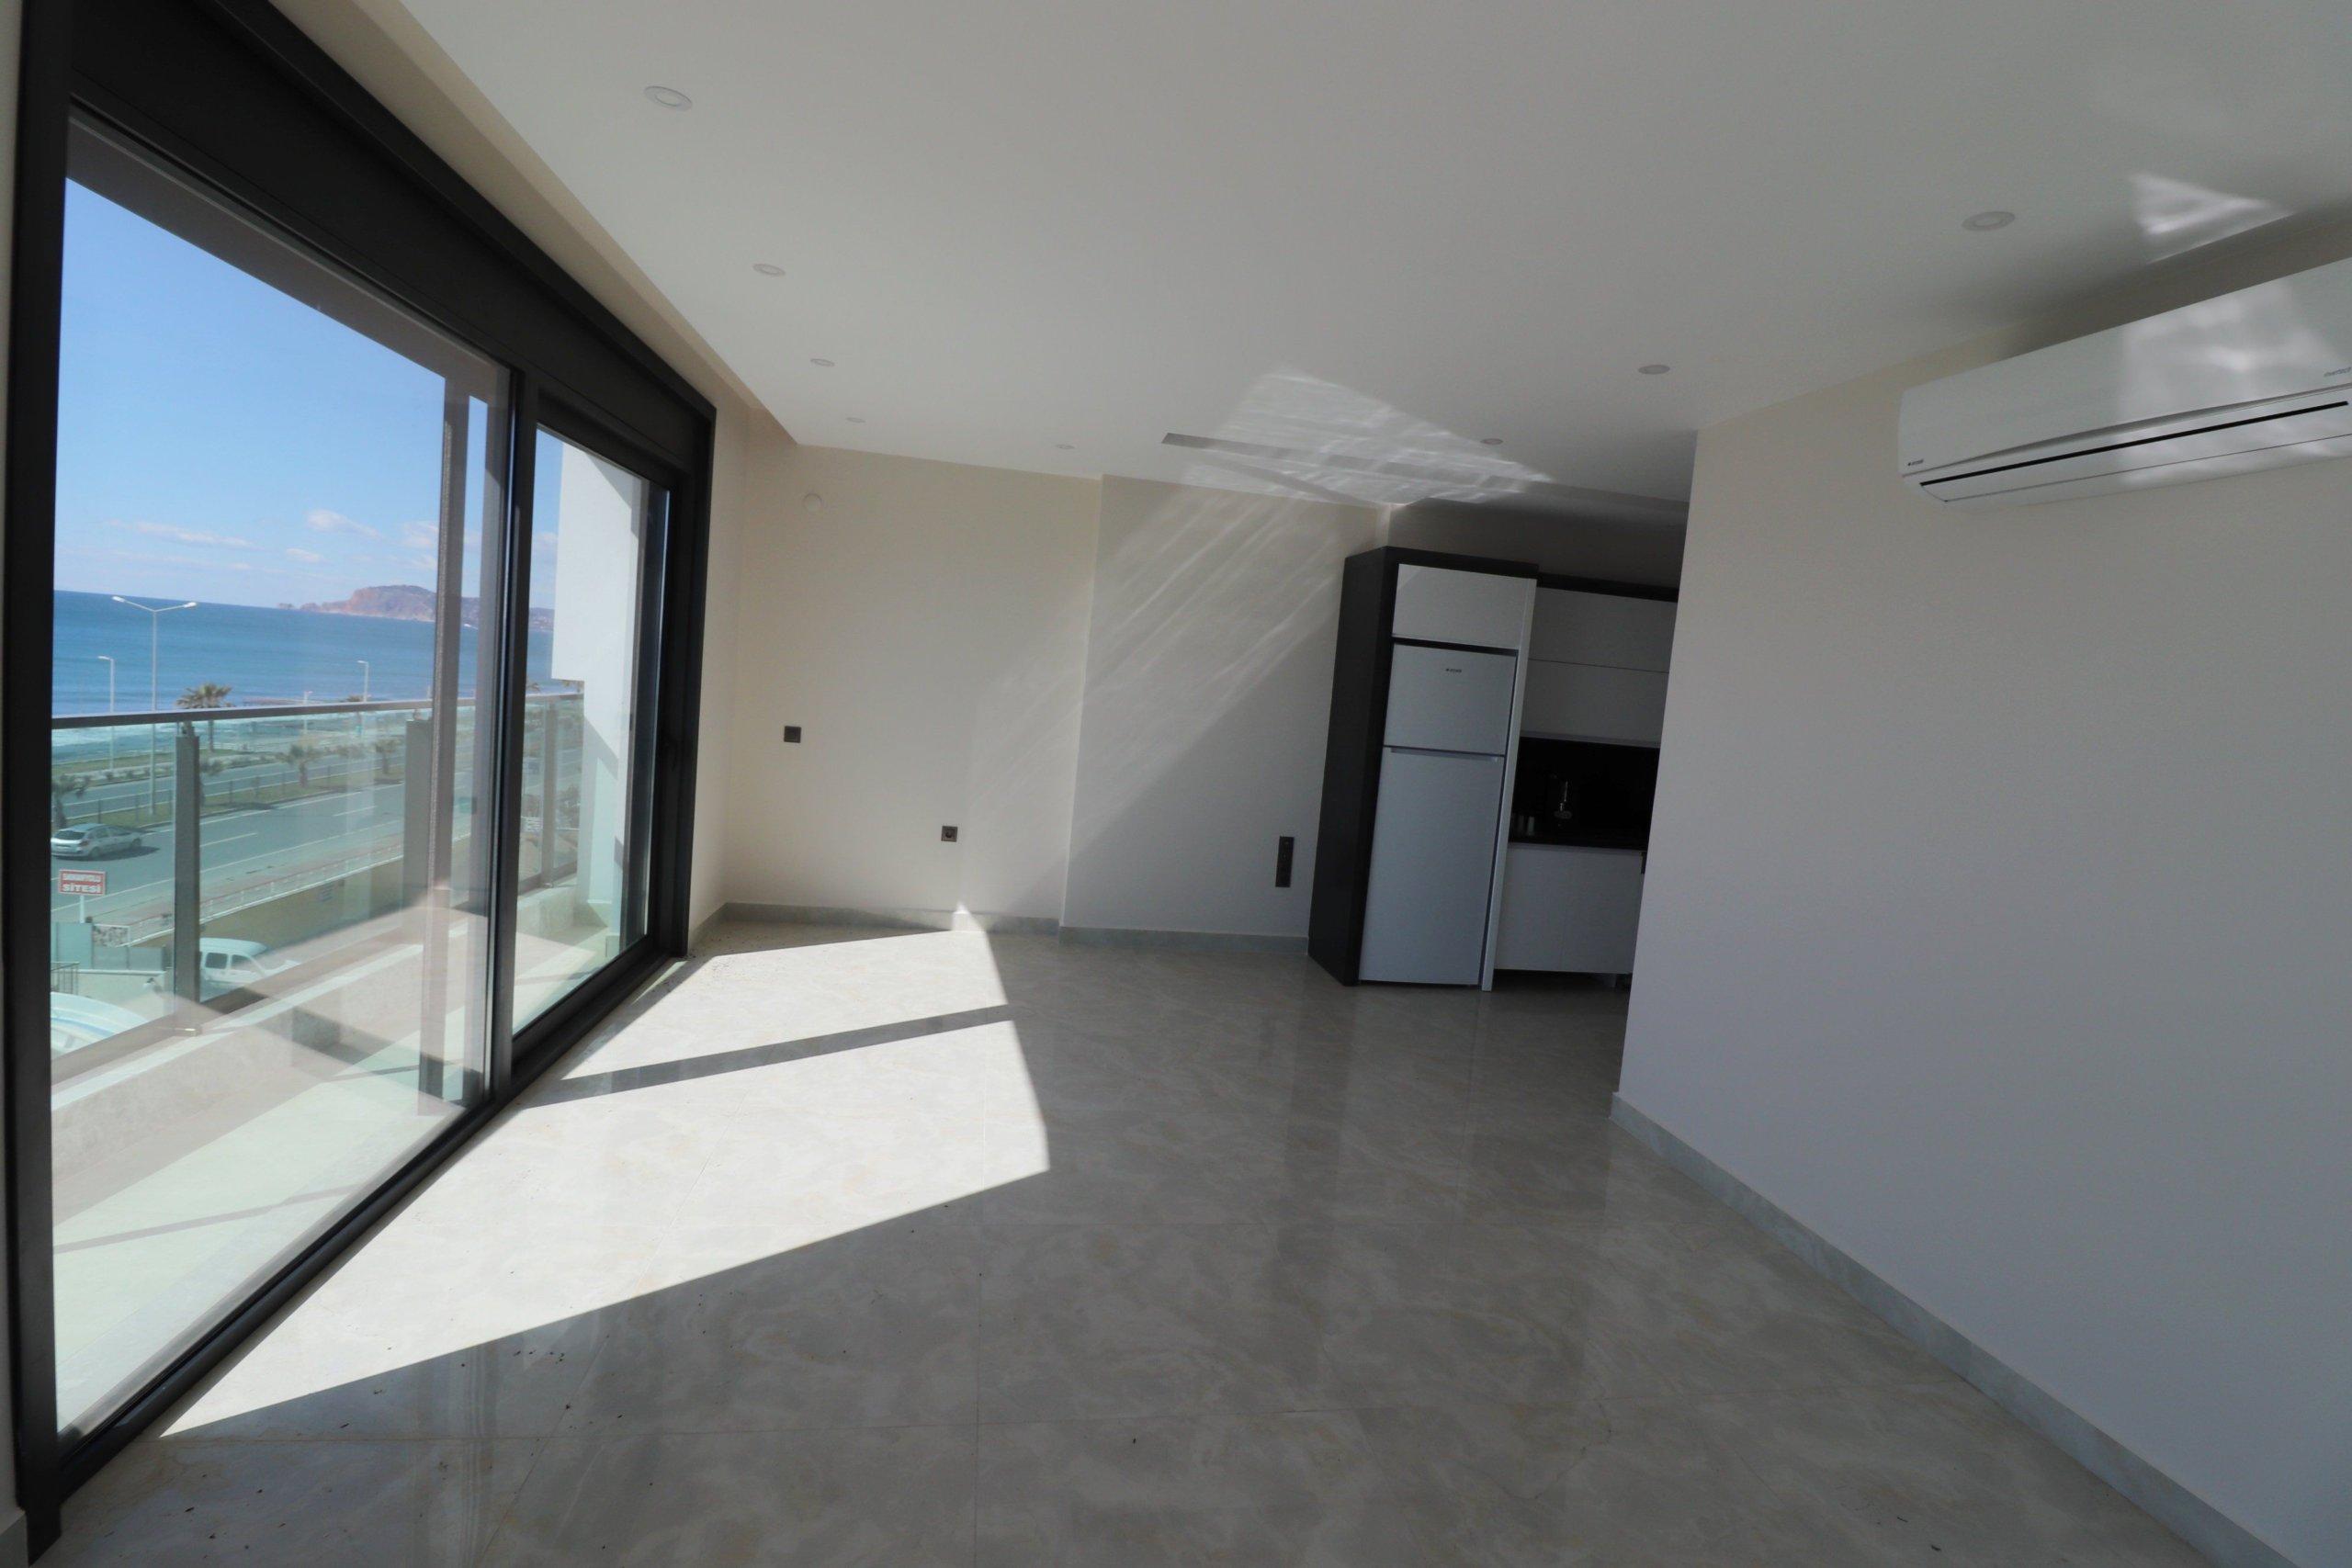 Трехкомнатная квартира с панорамным видом на море, в комплексе класса люкс